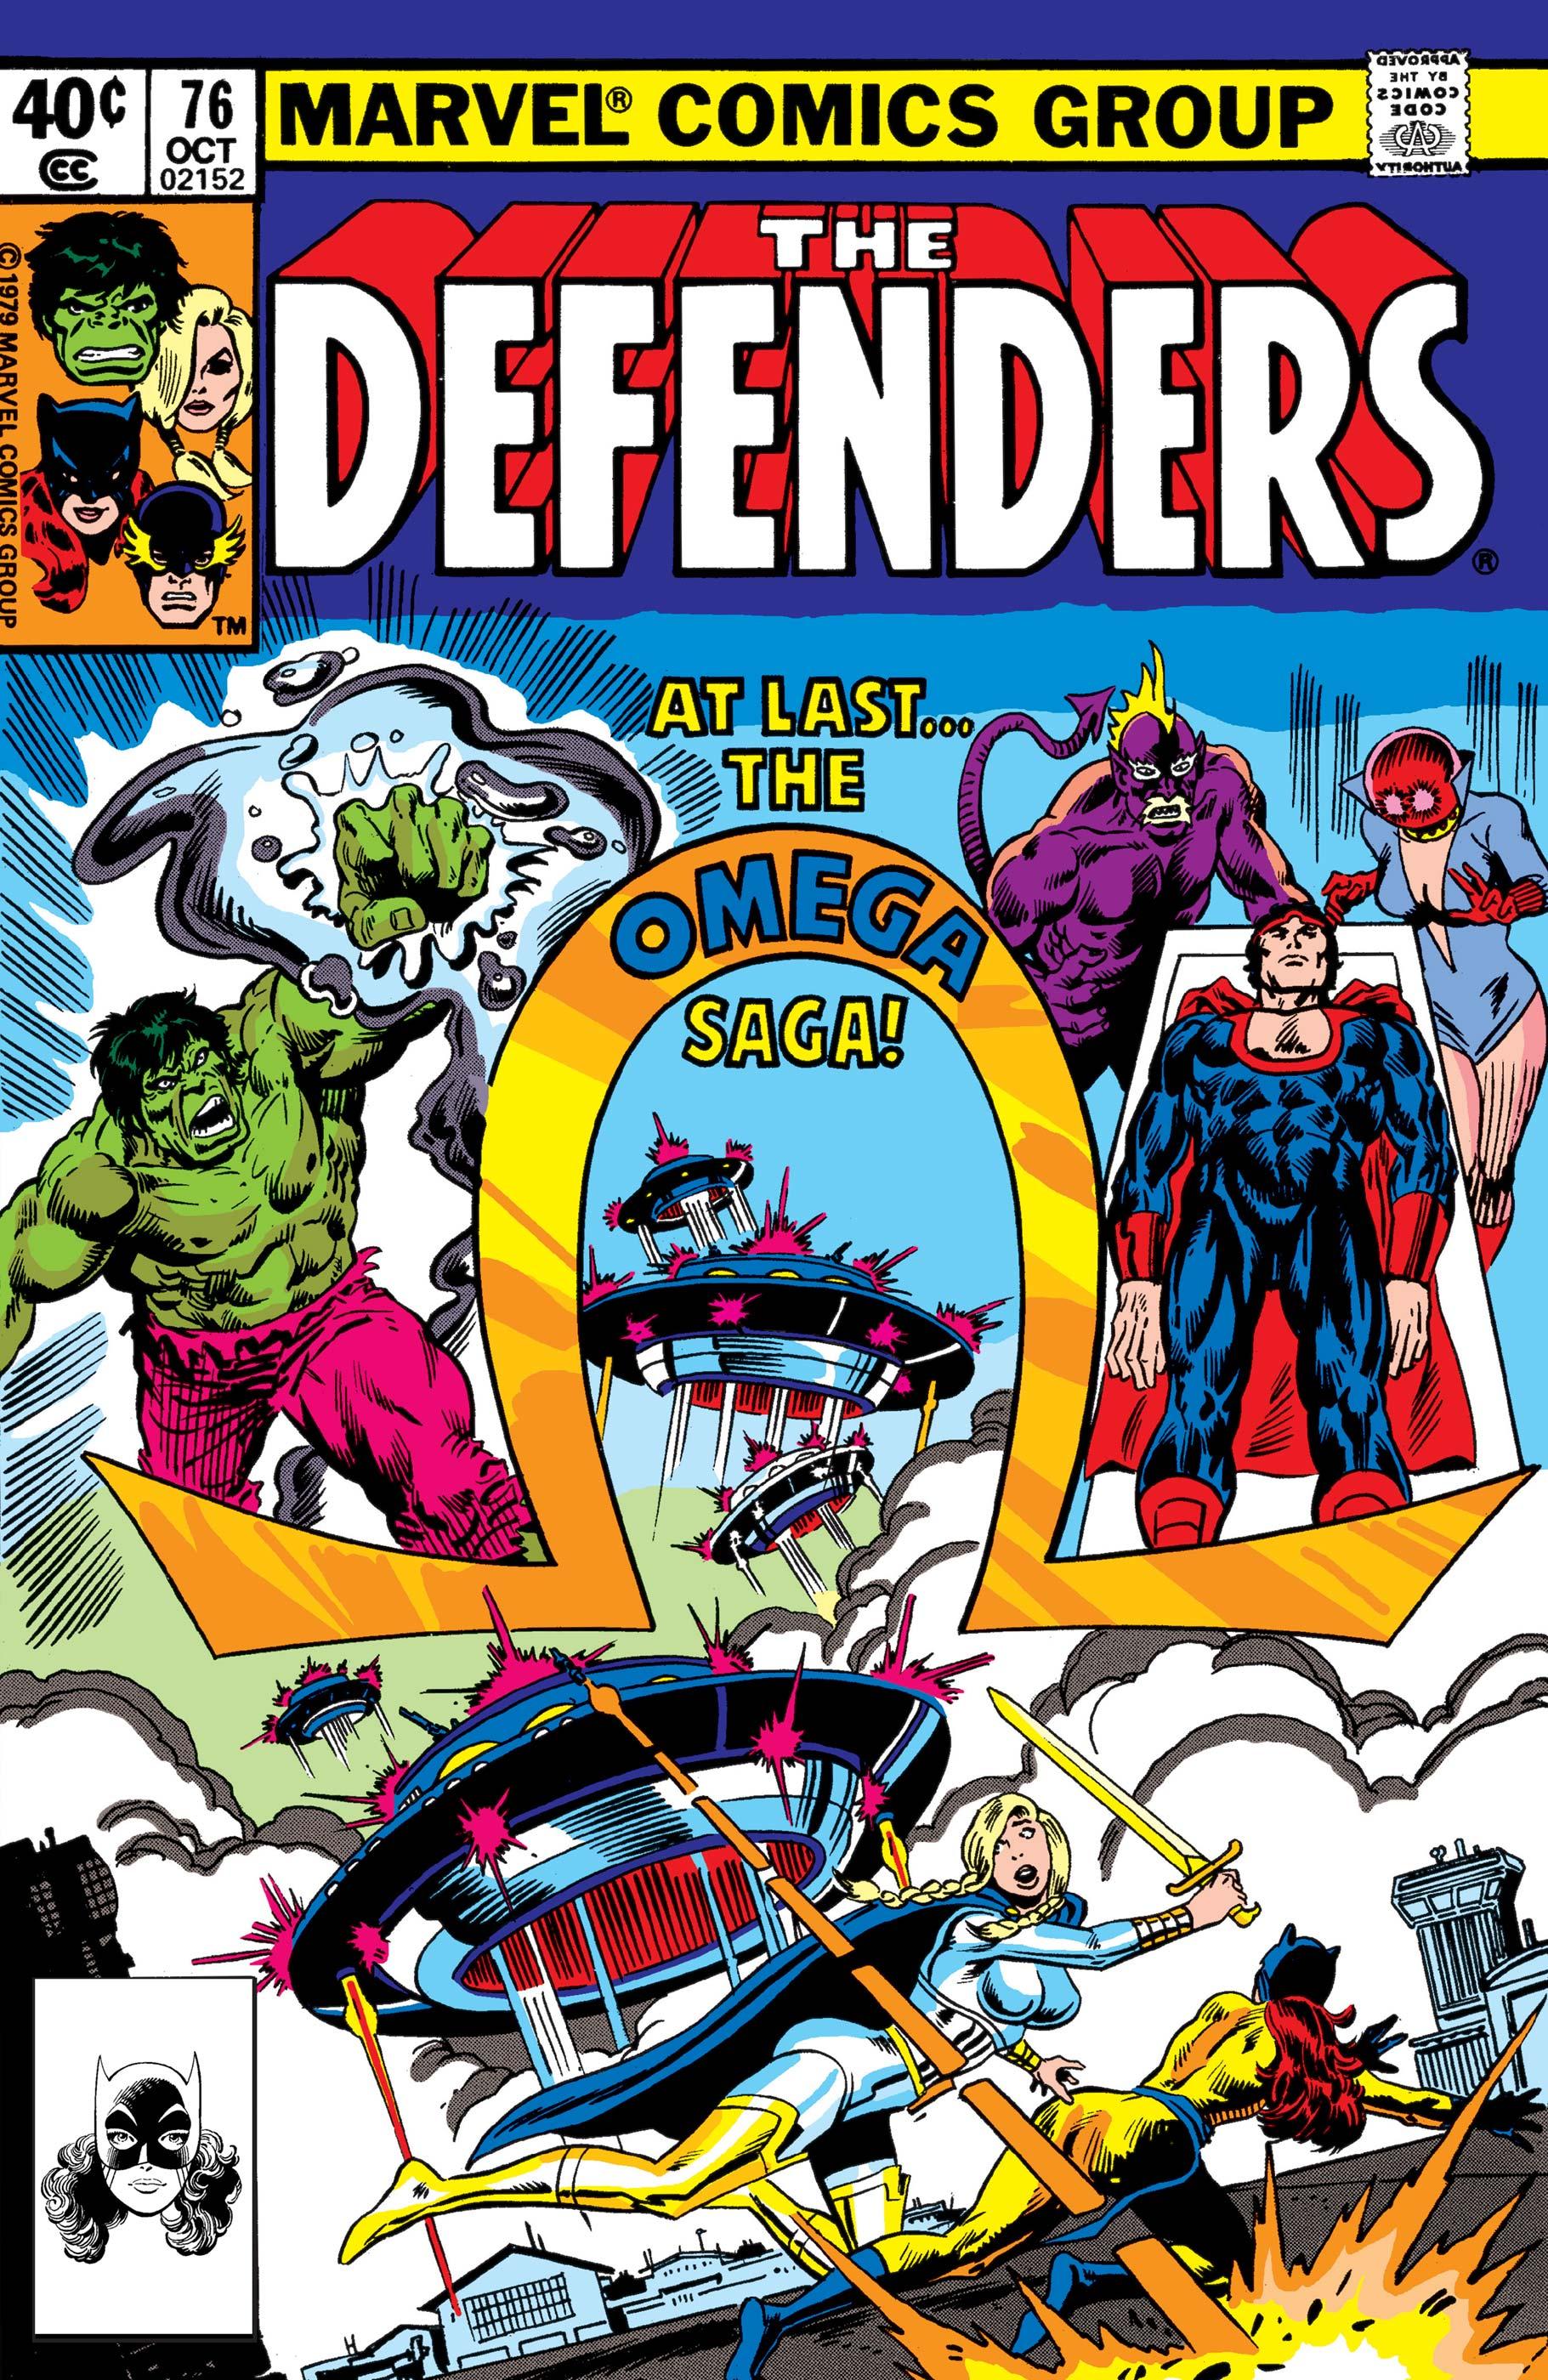 Defenders (1972) #76